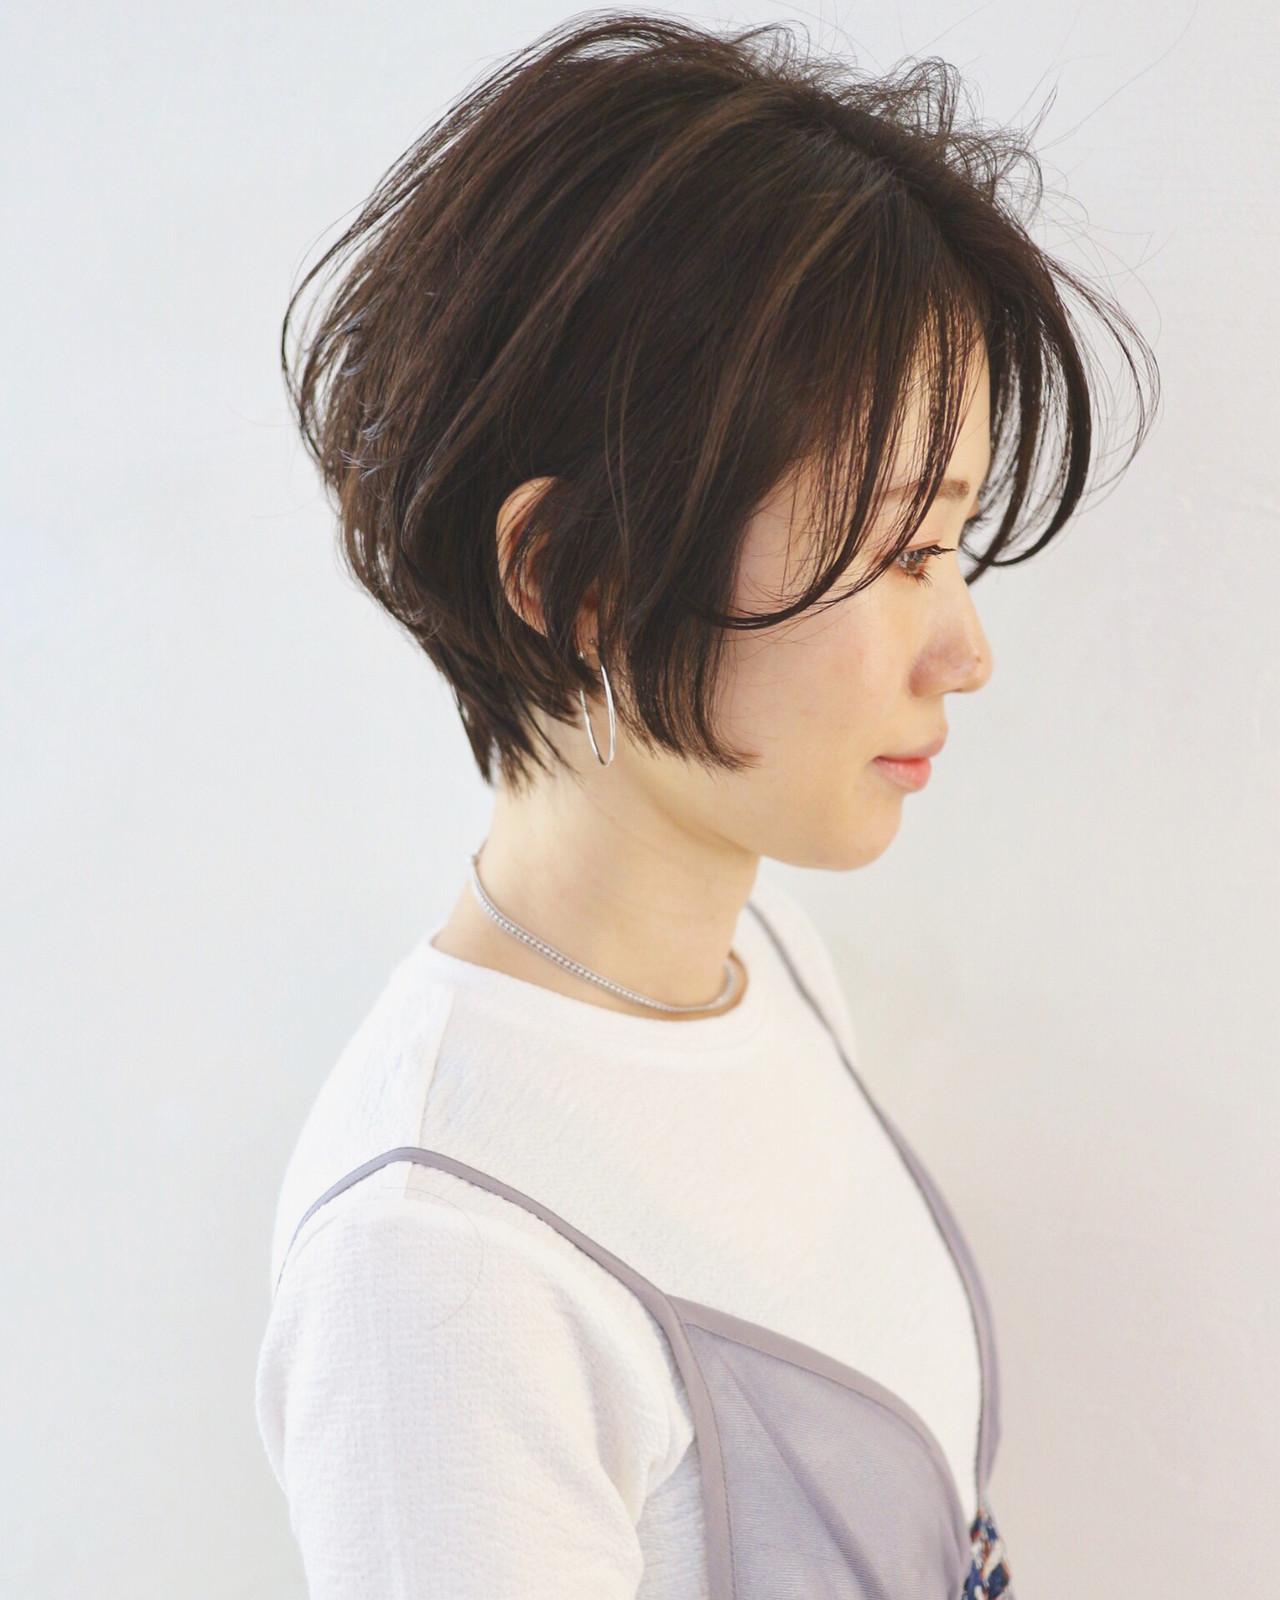 暗髪 黒髪 ナチュラル 大人ショート ヘアスタイルや髪型の写真・画像 | 三好 佳奈美 / Baco.(バコ)